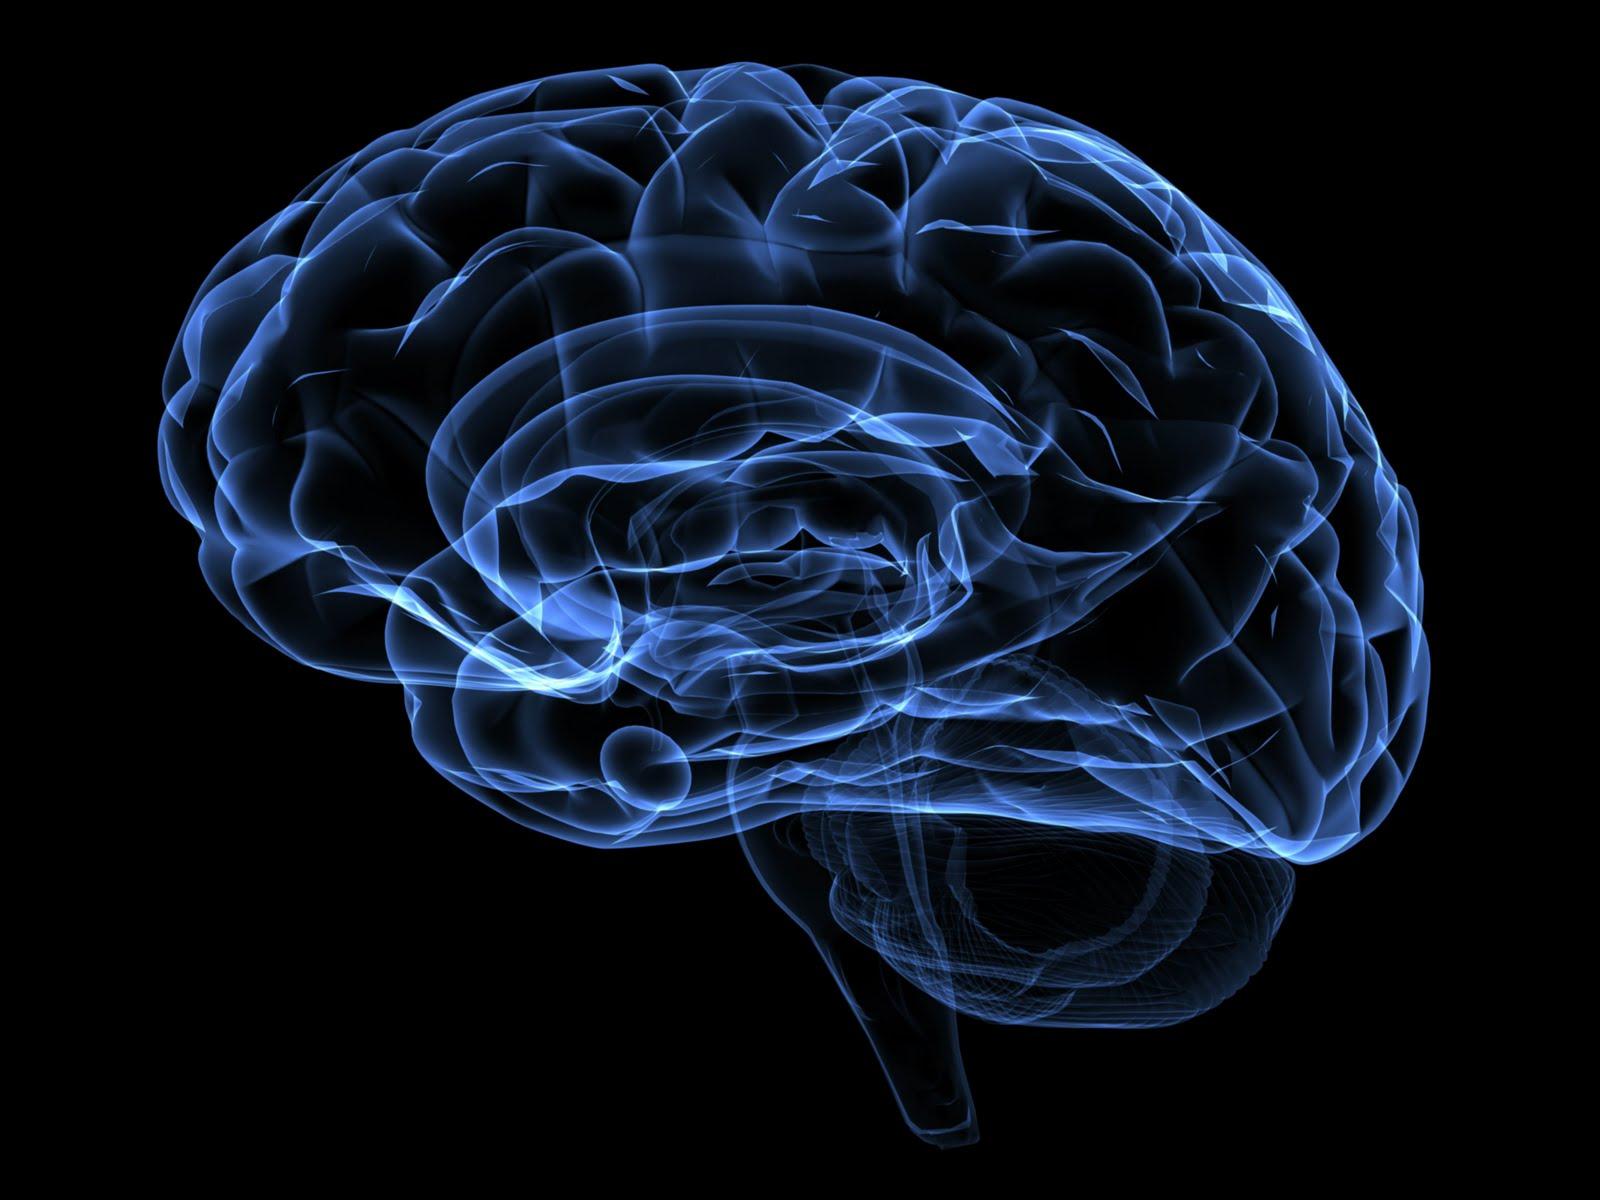 Os Mórmons fazem Lavagem Cerebral?